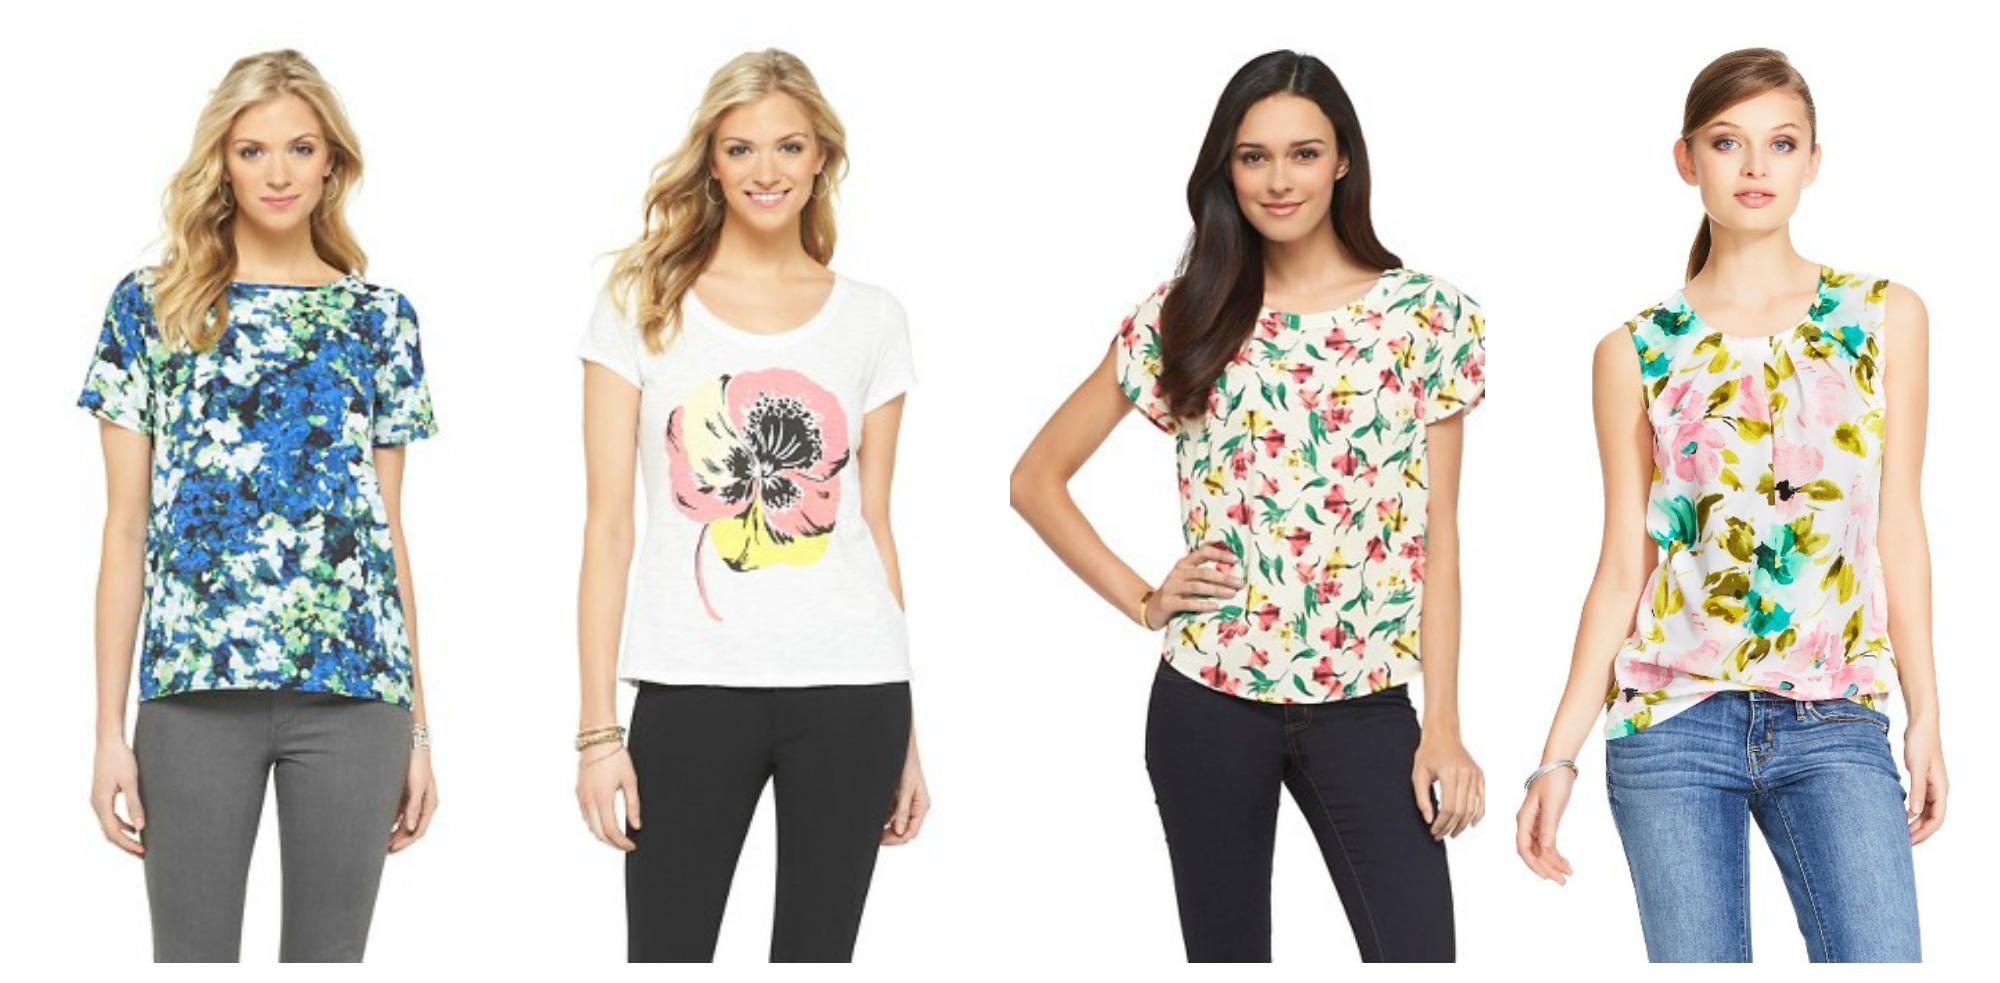 Target floral tops